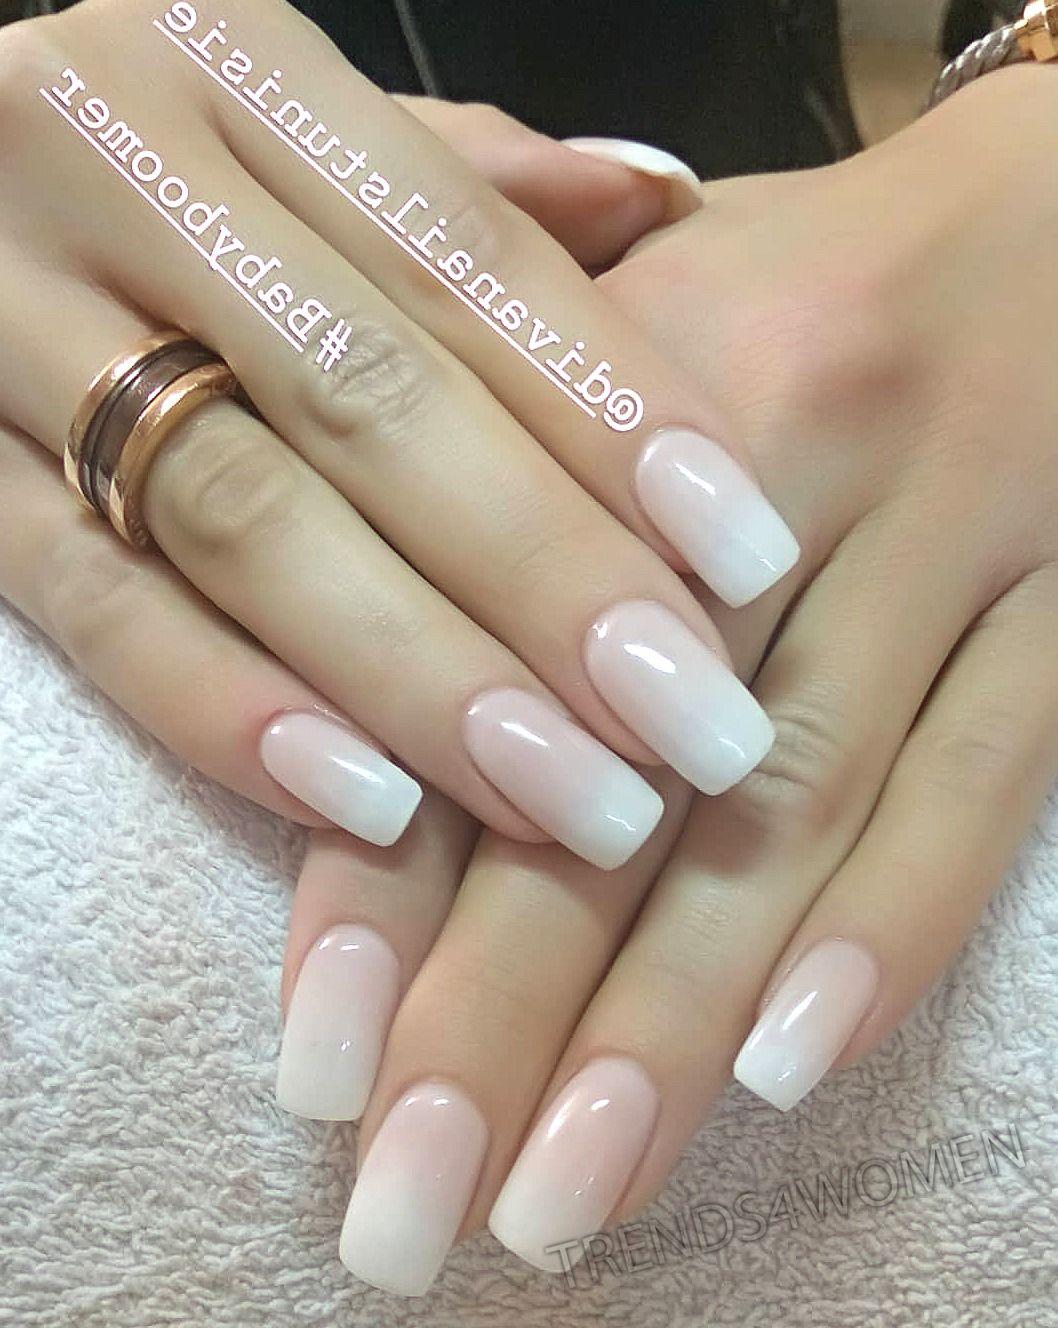 #Babyboomer #perfectnails #nailpro #nails2inspire #nailoftheday #nailonfleek #nailmagazine #nailsofinstagram #nailsdid